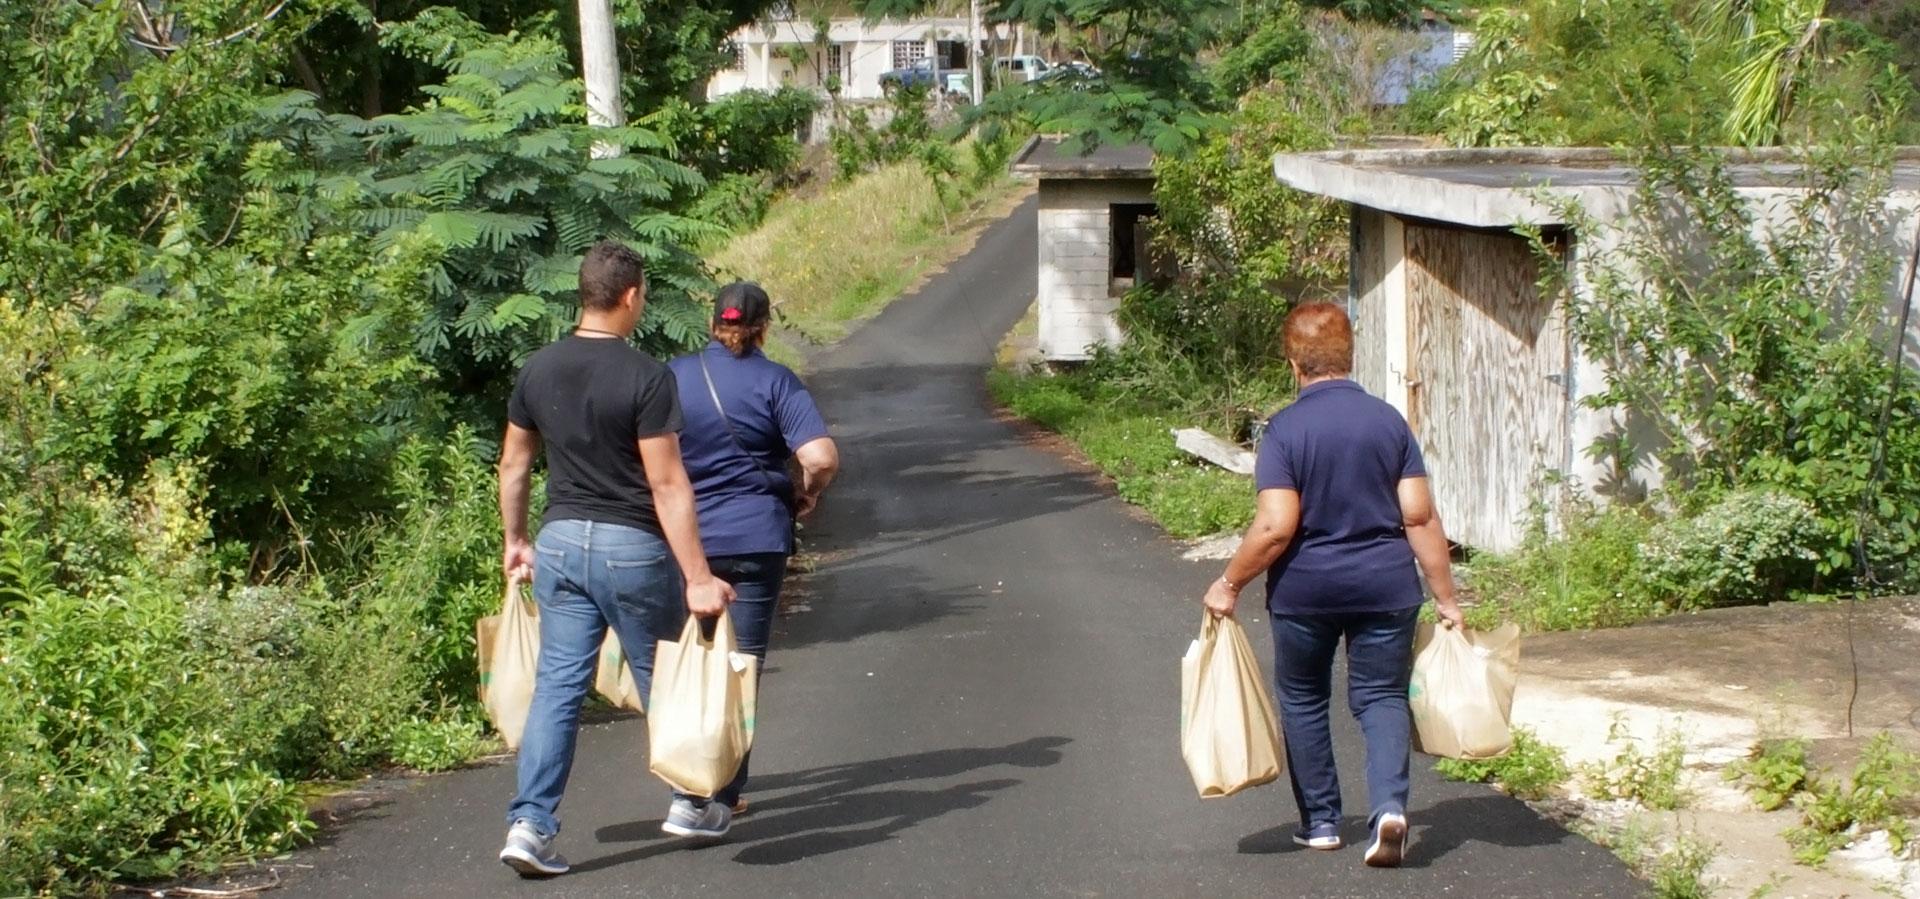 Ayudando a personas en Puerto Rico tras el Huracán María.